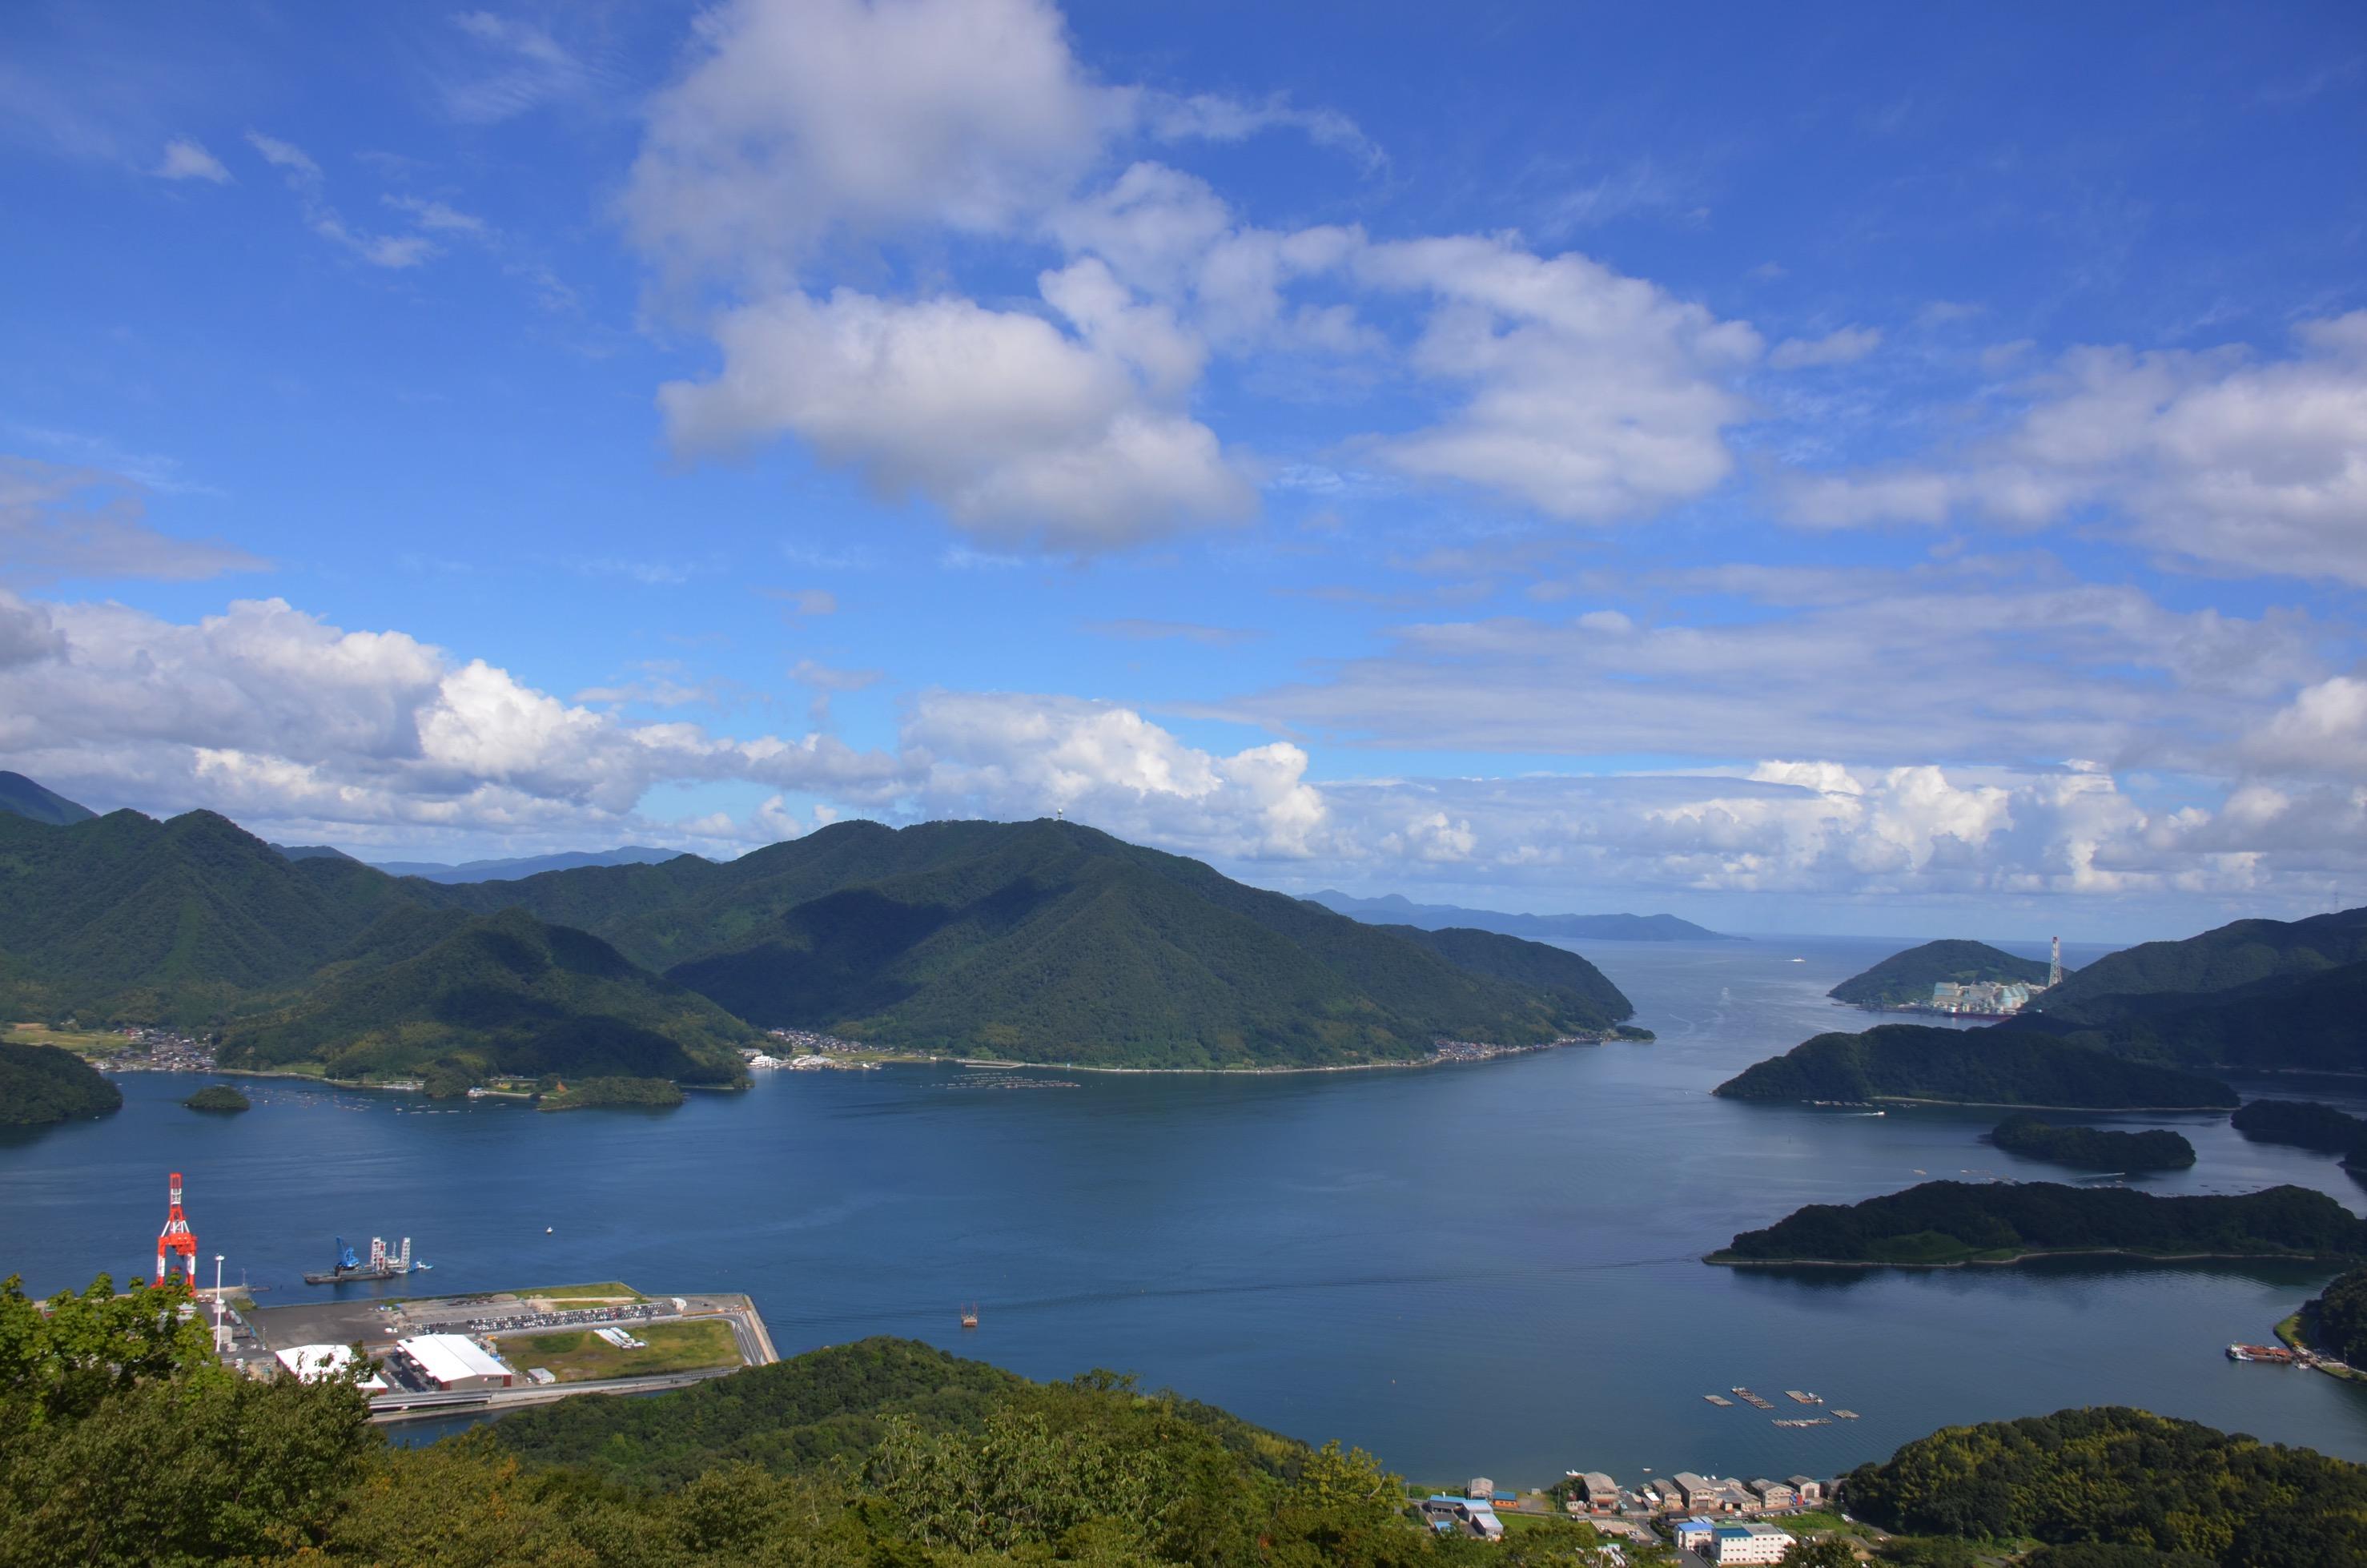 京都の港町で海の幸を満喫